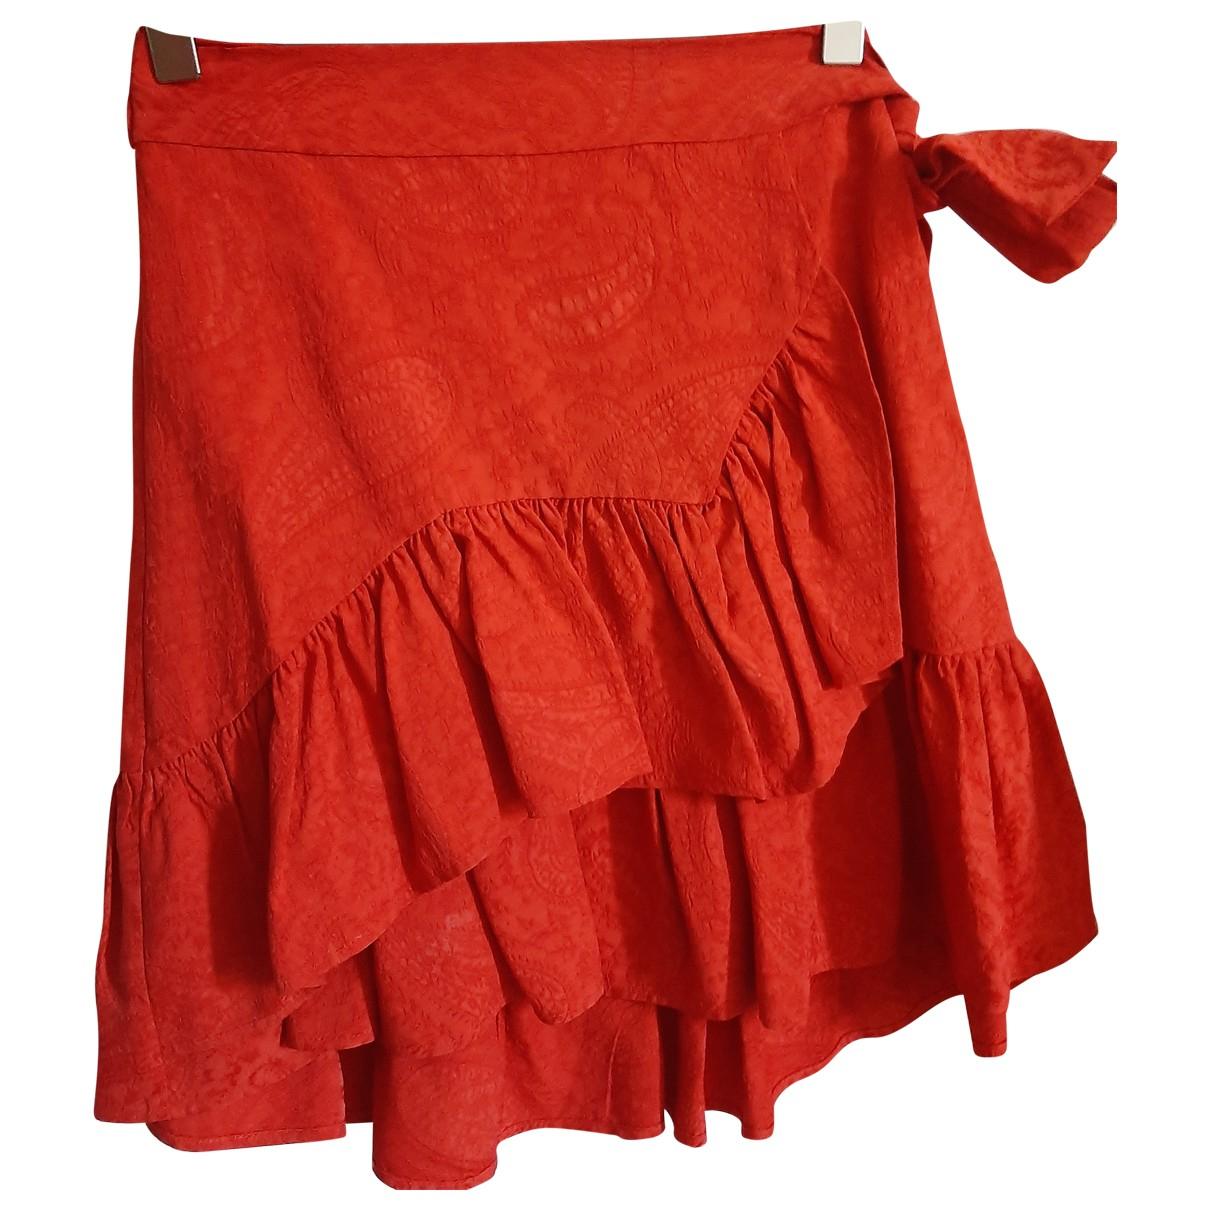 Maje Spring Summer 2019 Red skirt for Women 34 FR